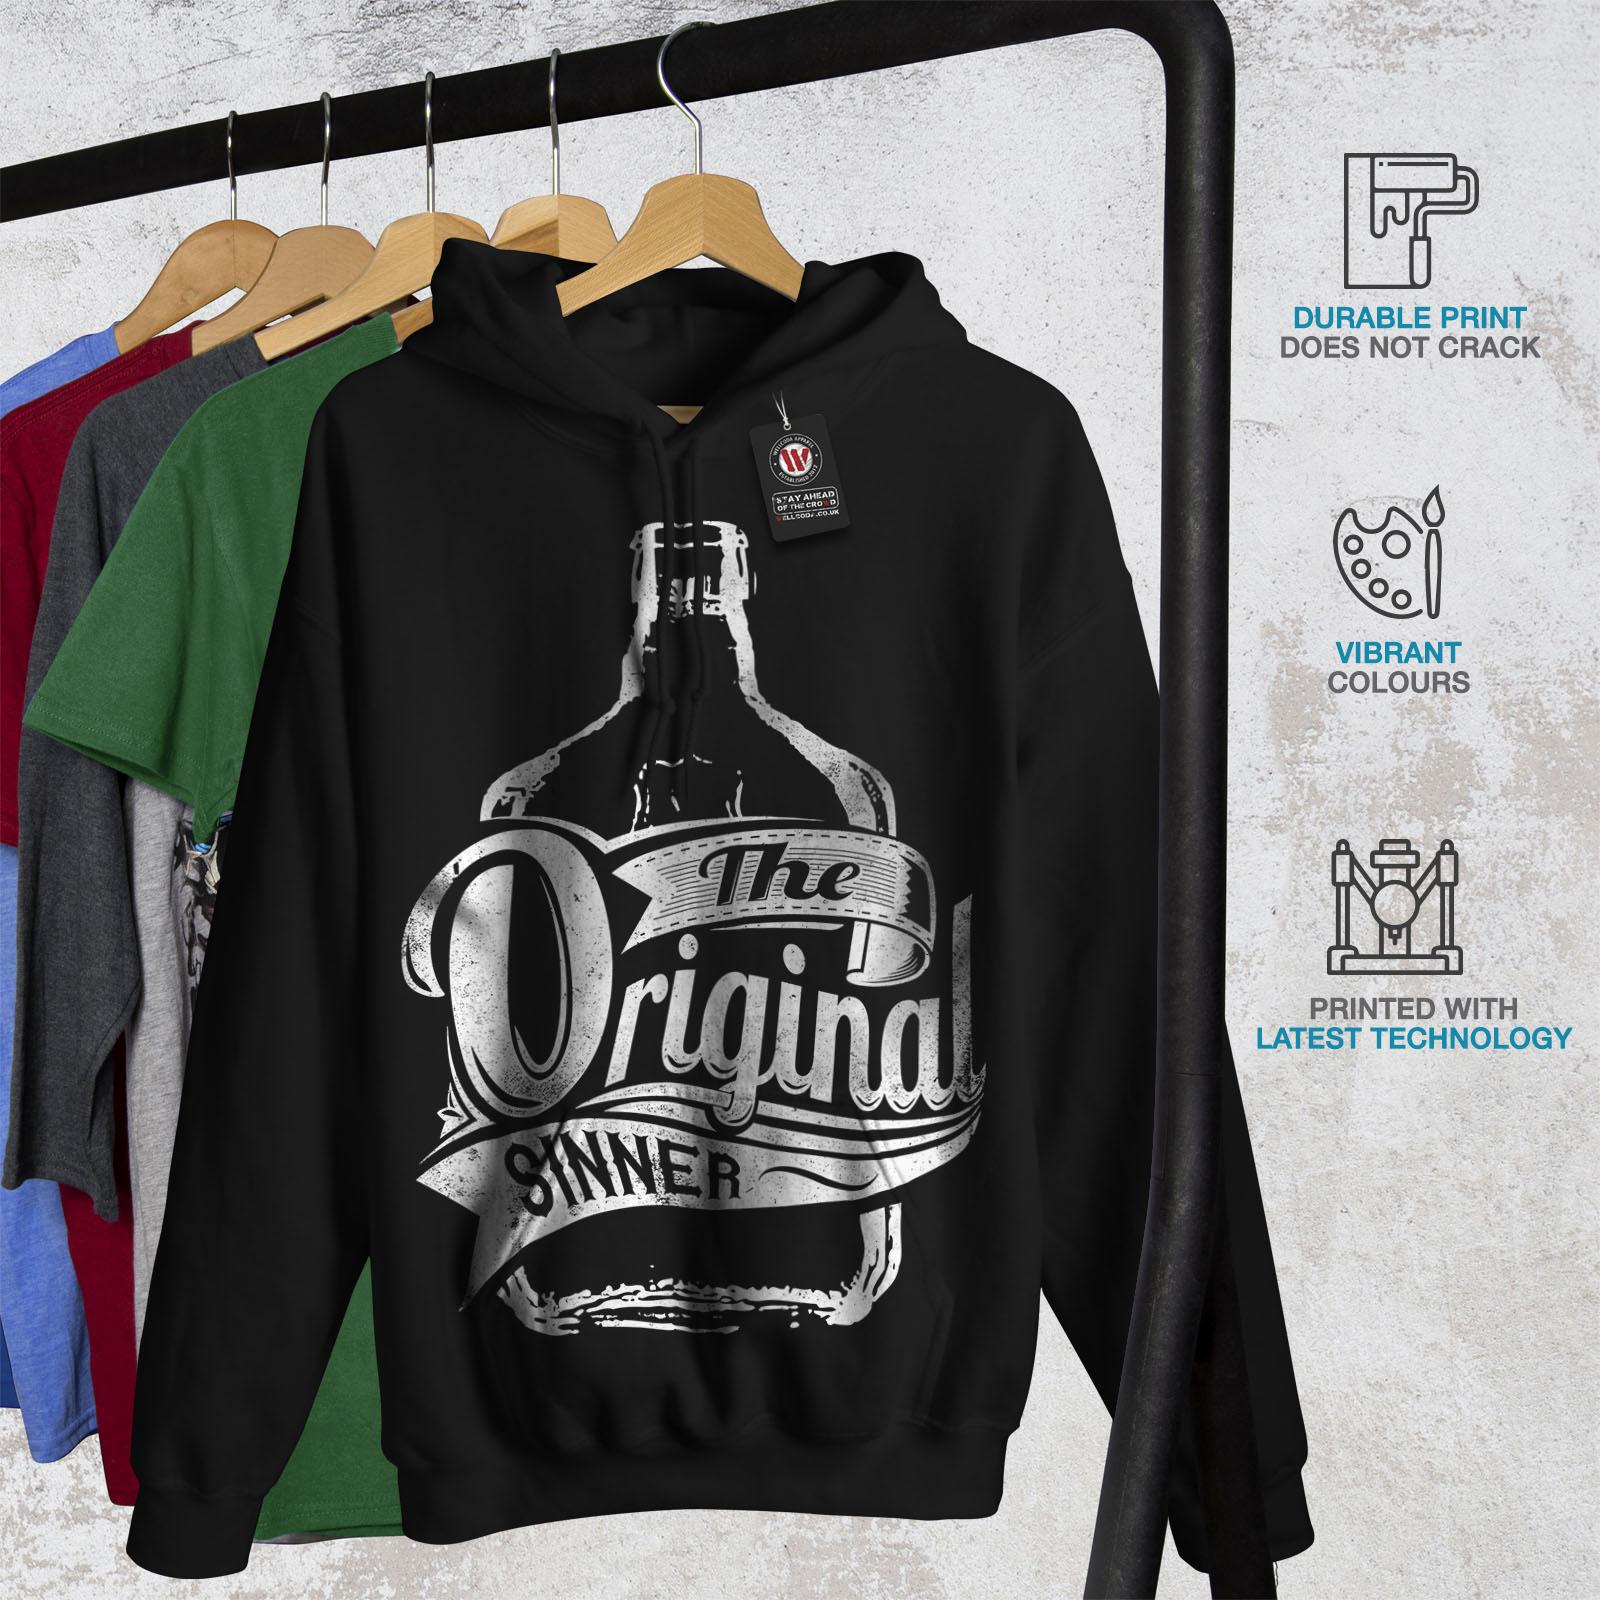 Wellcoda Unique Sinner Funny Mens Hoodie Rum Casual Hooded Sweatshirt